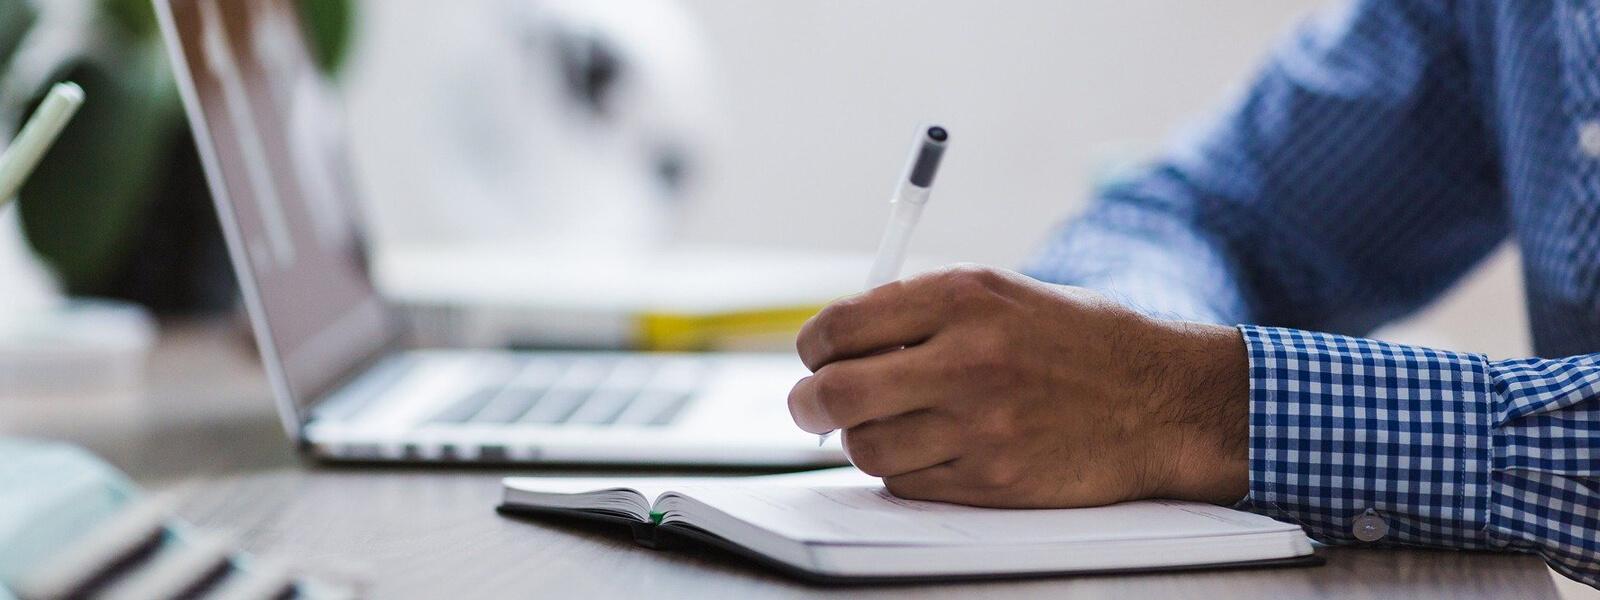 医師国家試験対策のポイント